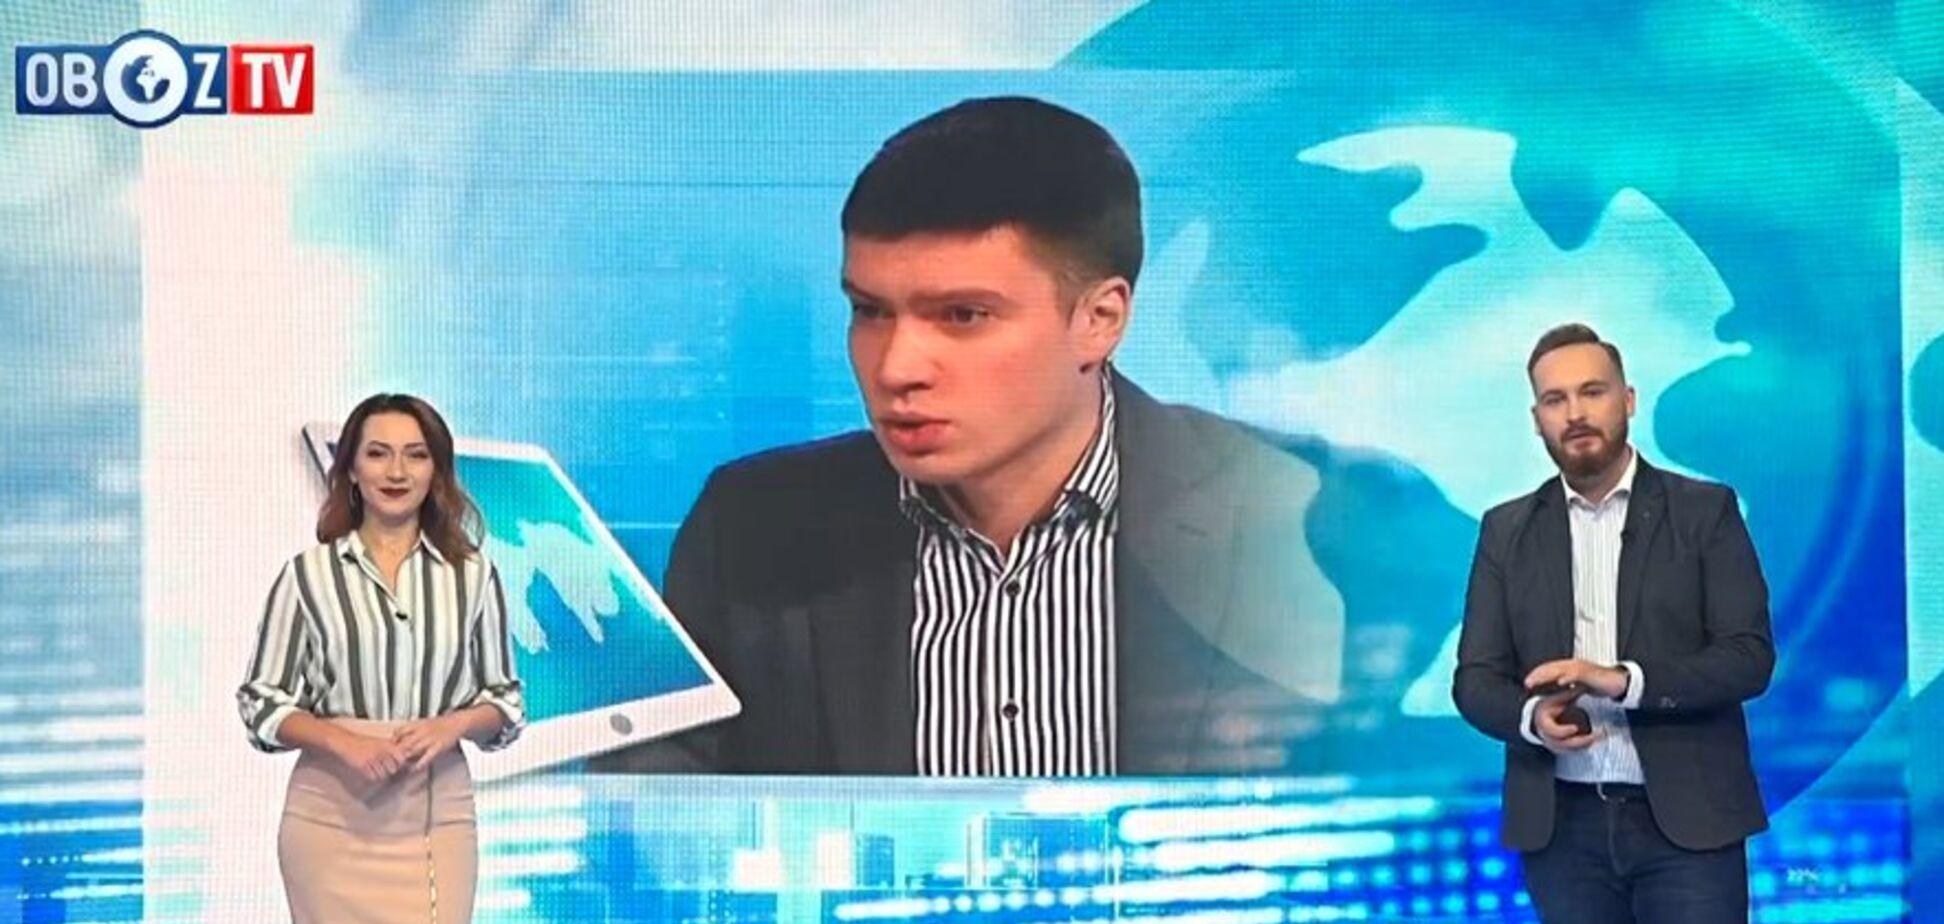 Нарушения на выборах и низкая явка: эксперт рассказал, будут ли результаты выборов поставлены под вопрос